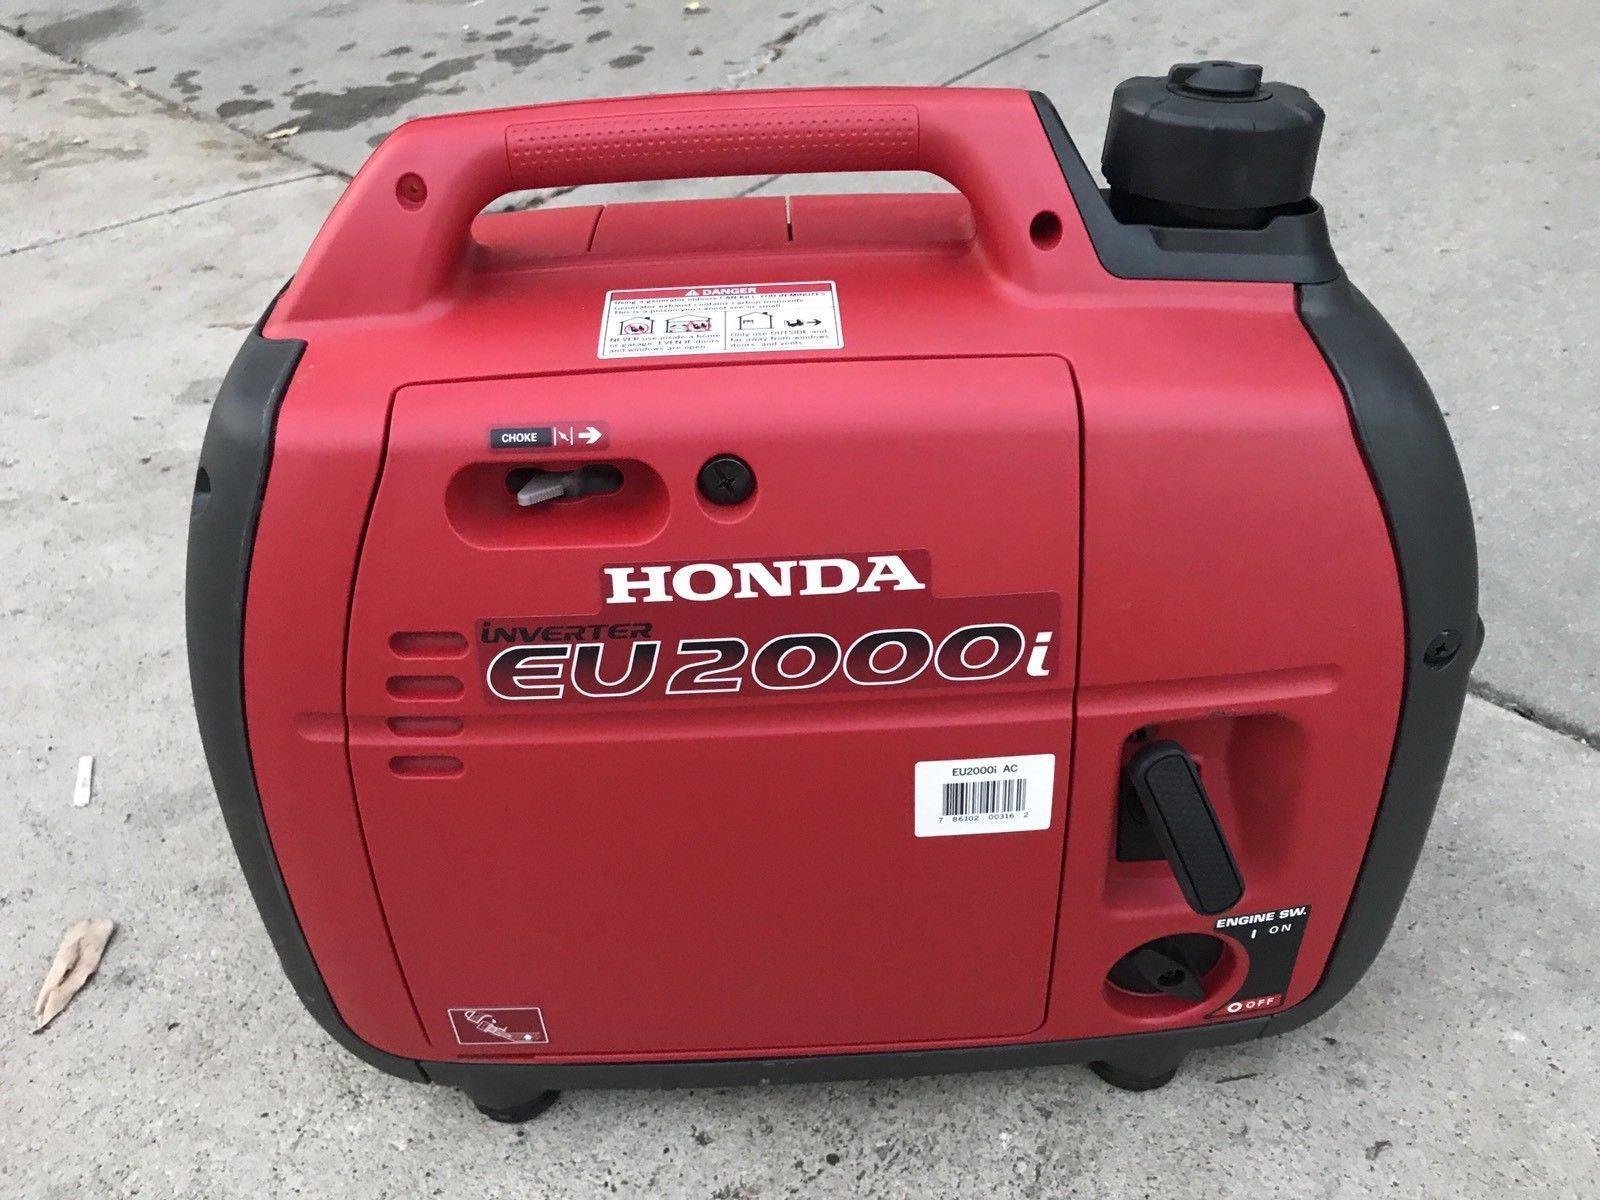 Honda EU 2000i Super Quiet 2000 Watt Portable Generator with